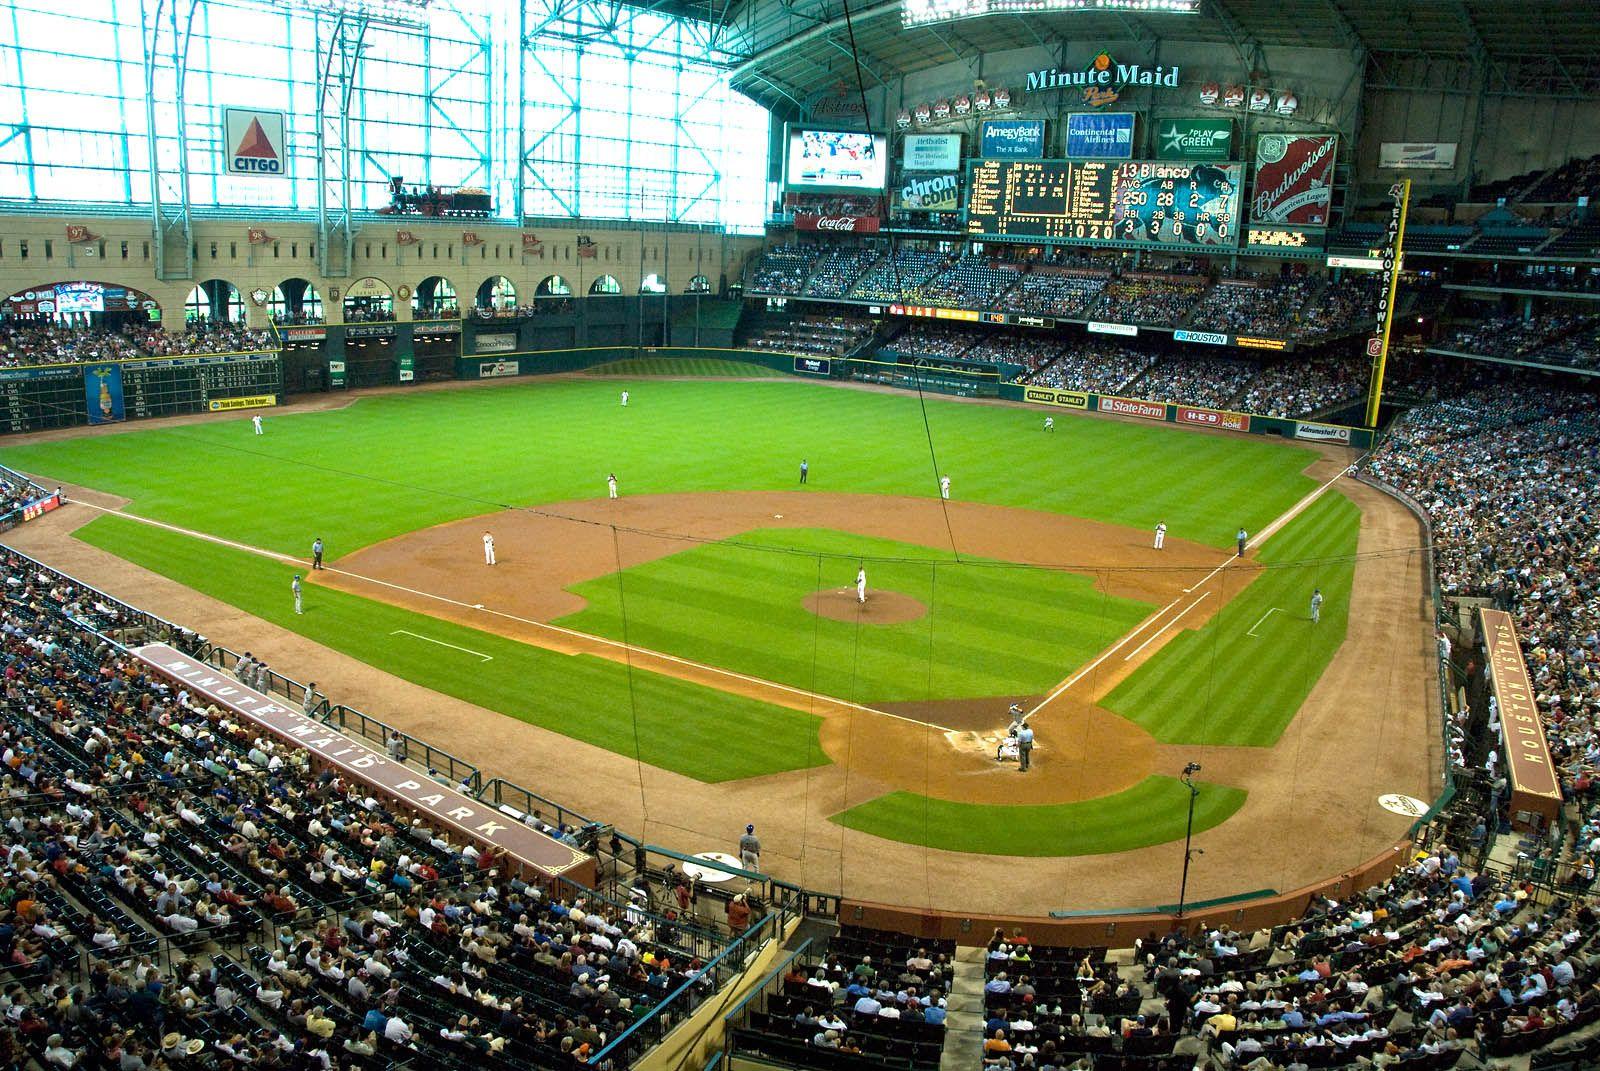 Houston Astros Pictures Houston Astros Astros Baseball Minute Maid Park Houston